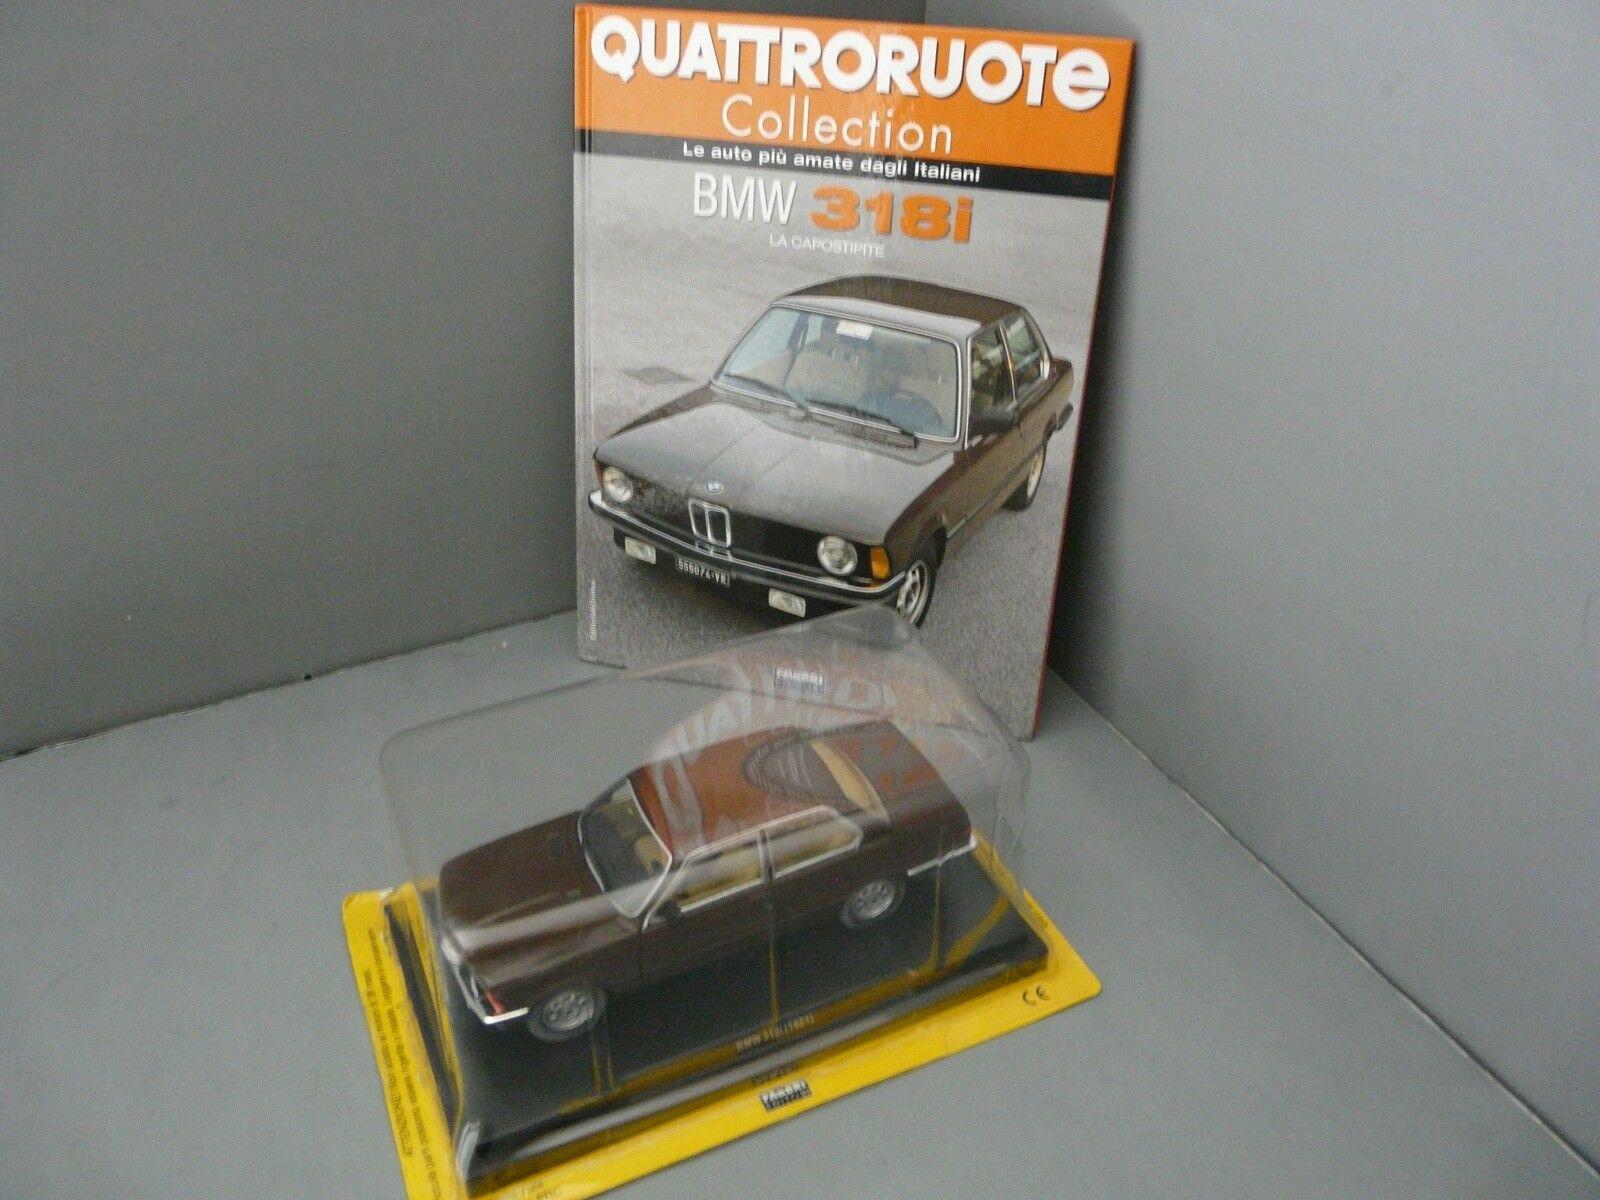 1 24-QUATTRORUOTE METRO-1981 BMW E21 318i-BROWN with Book (in Italian)